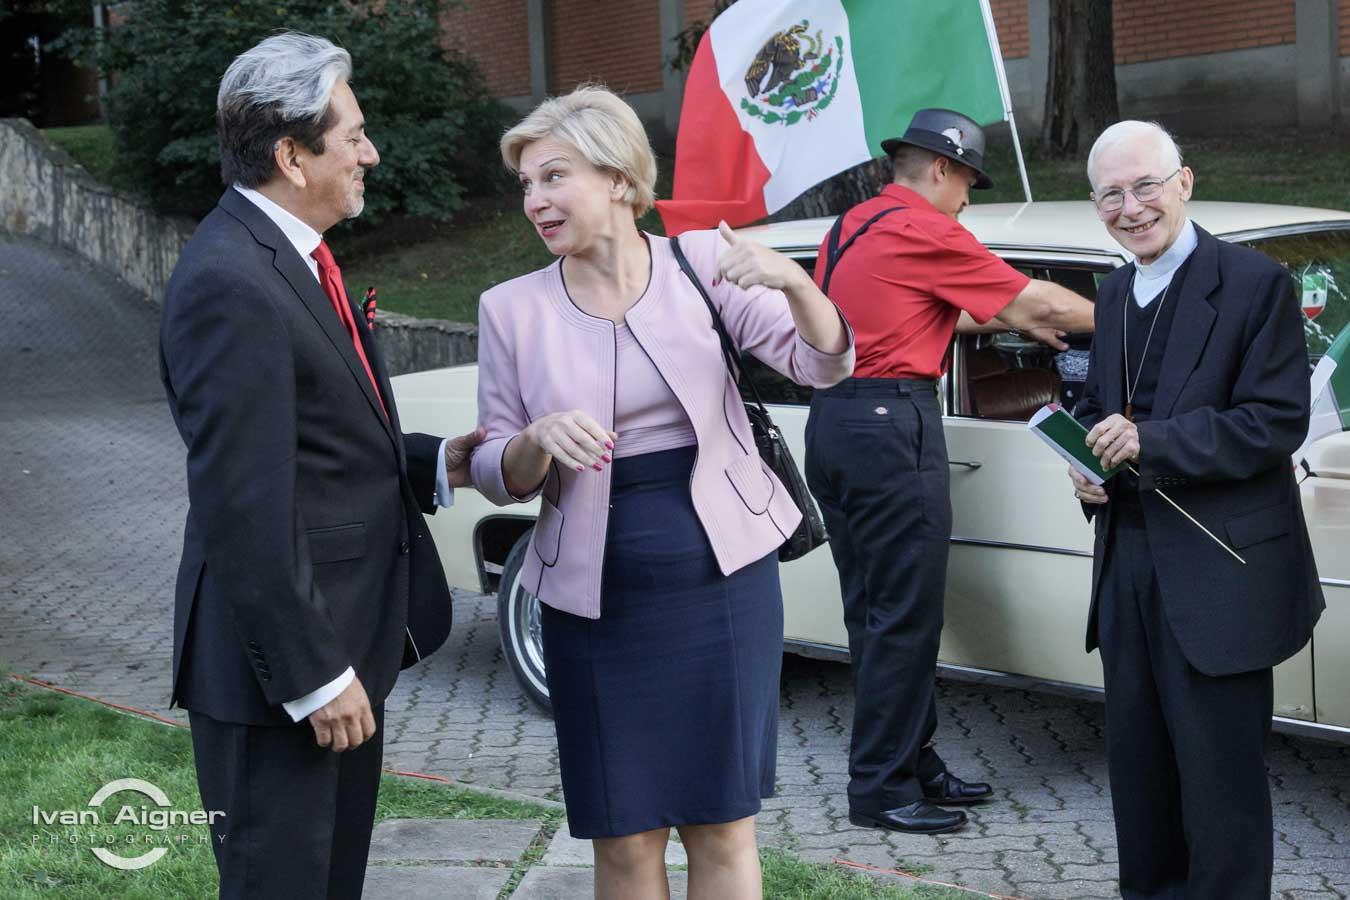 Őexc. David Nájera Rivas mexikói és Őexc. Liubov Nepop ukrán nagykövet